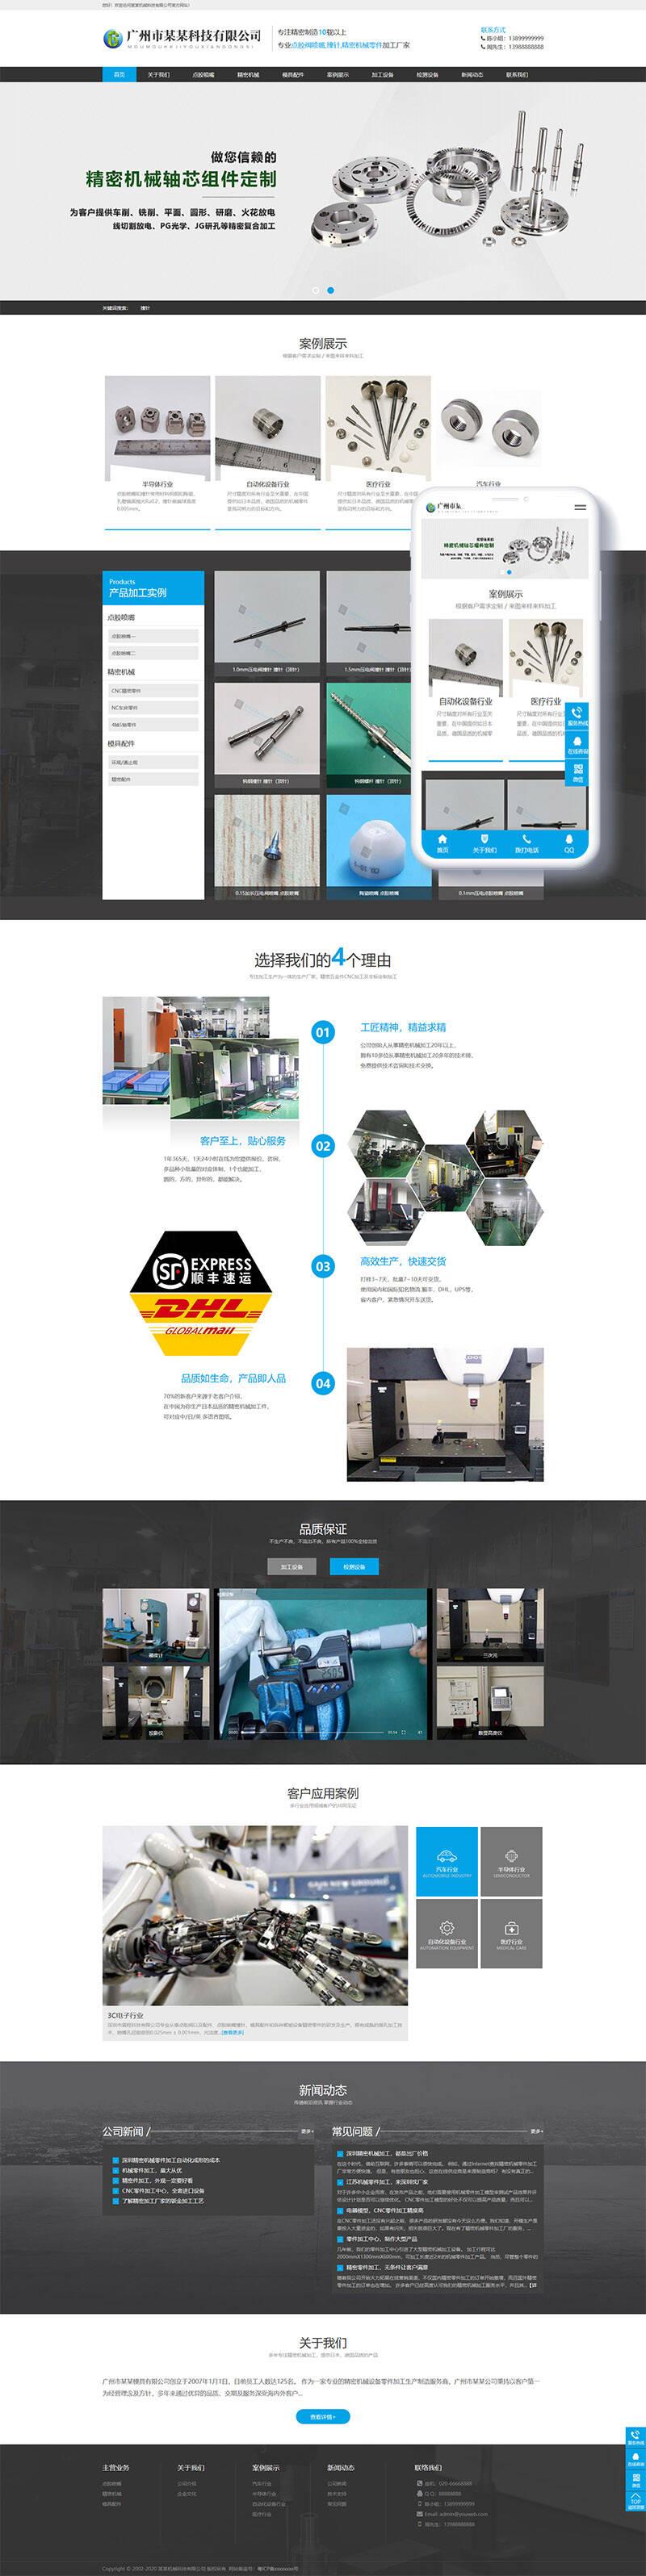 模具生产加工企业网站